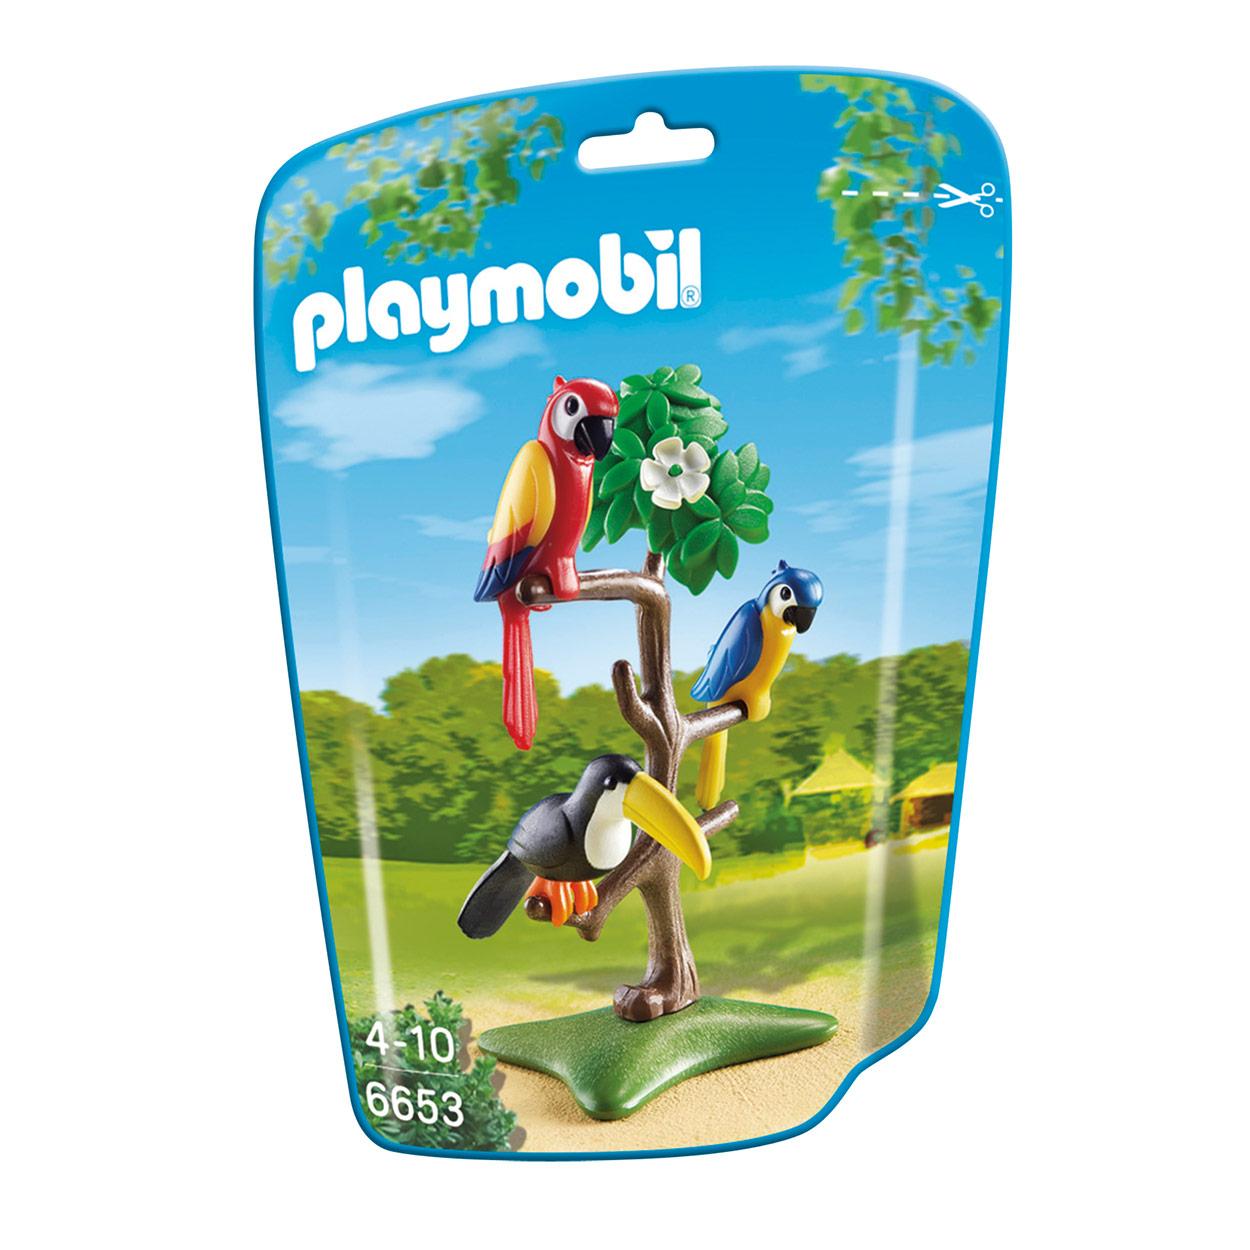 Playmobil 6653 Papegaaien online kopen  Lobbesnl